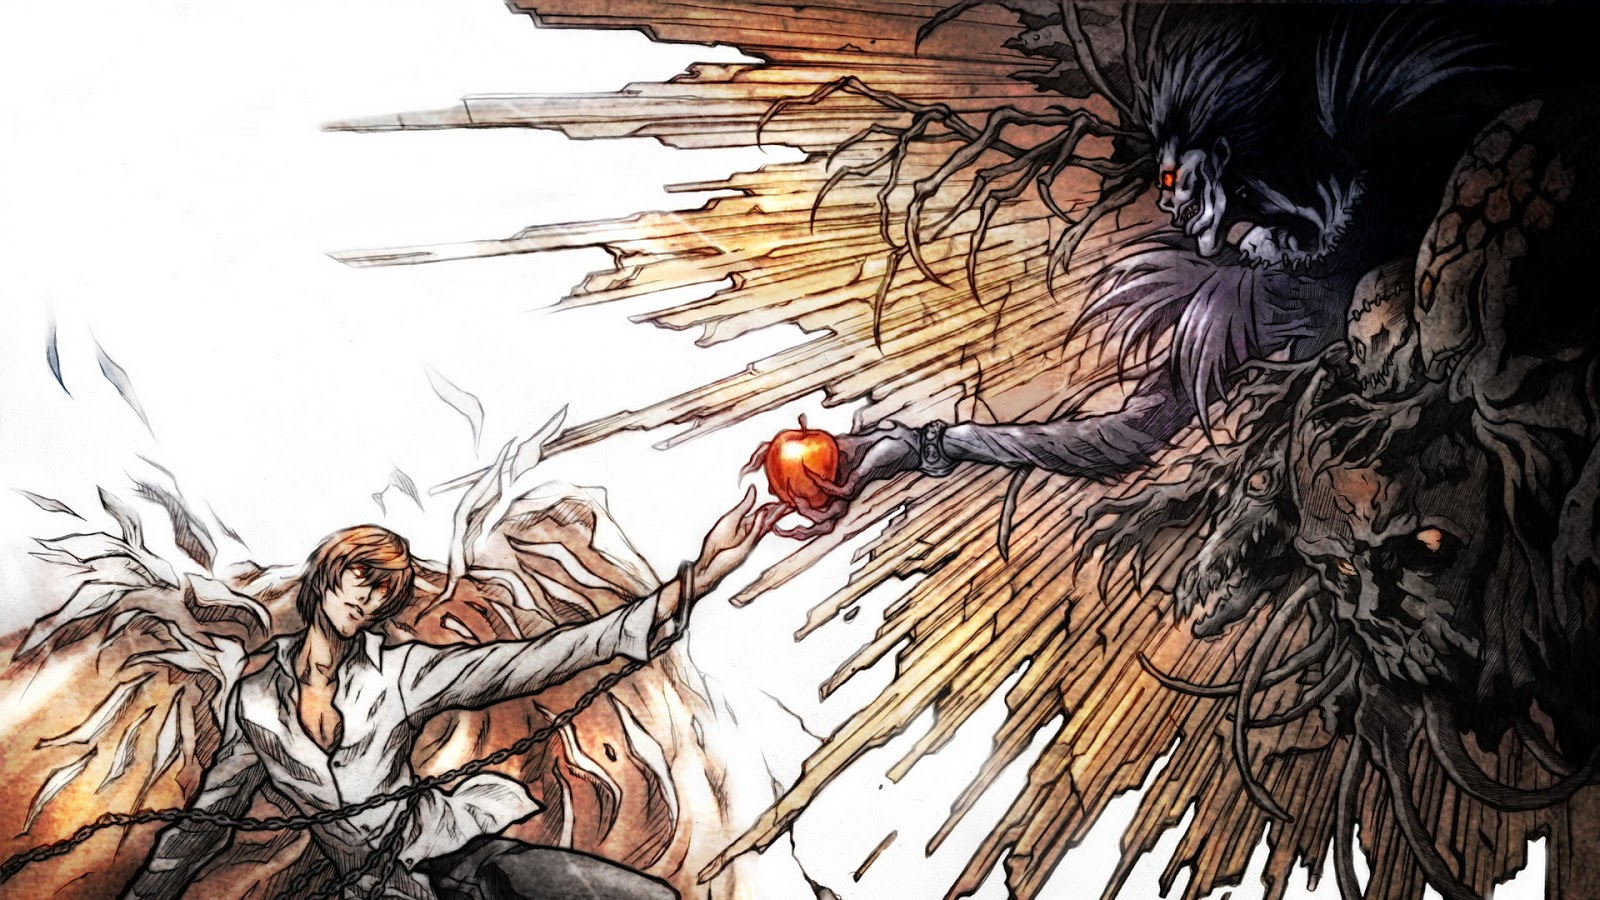 خلفيات سطح المكتب والمحمول Death Note 7